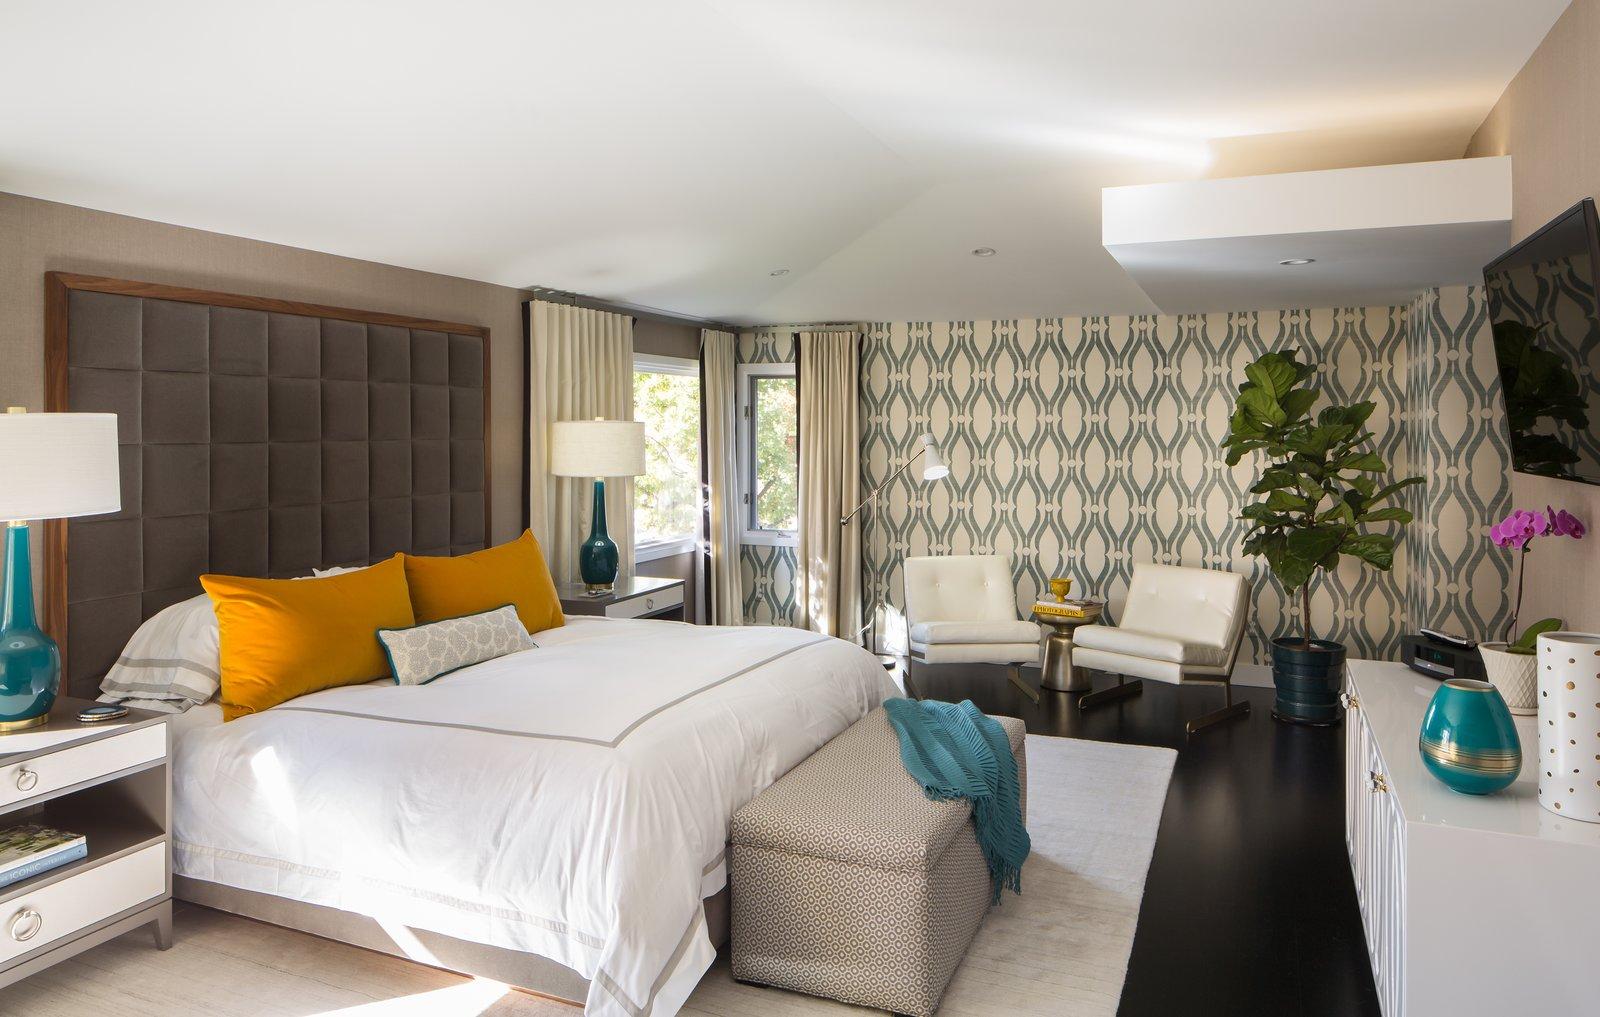 Bedroom, Bed, Ceiling Lighting, Dresser, and Dark Hardwood Floor Master Bedroom   Donner Residence by Design Platform